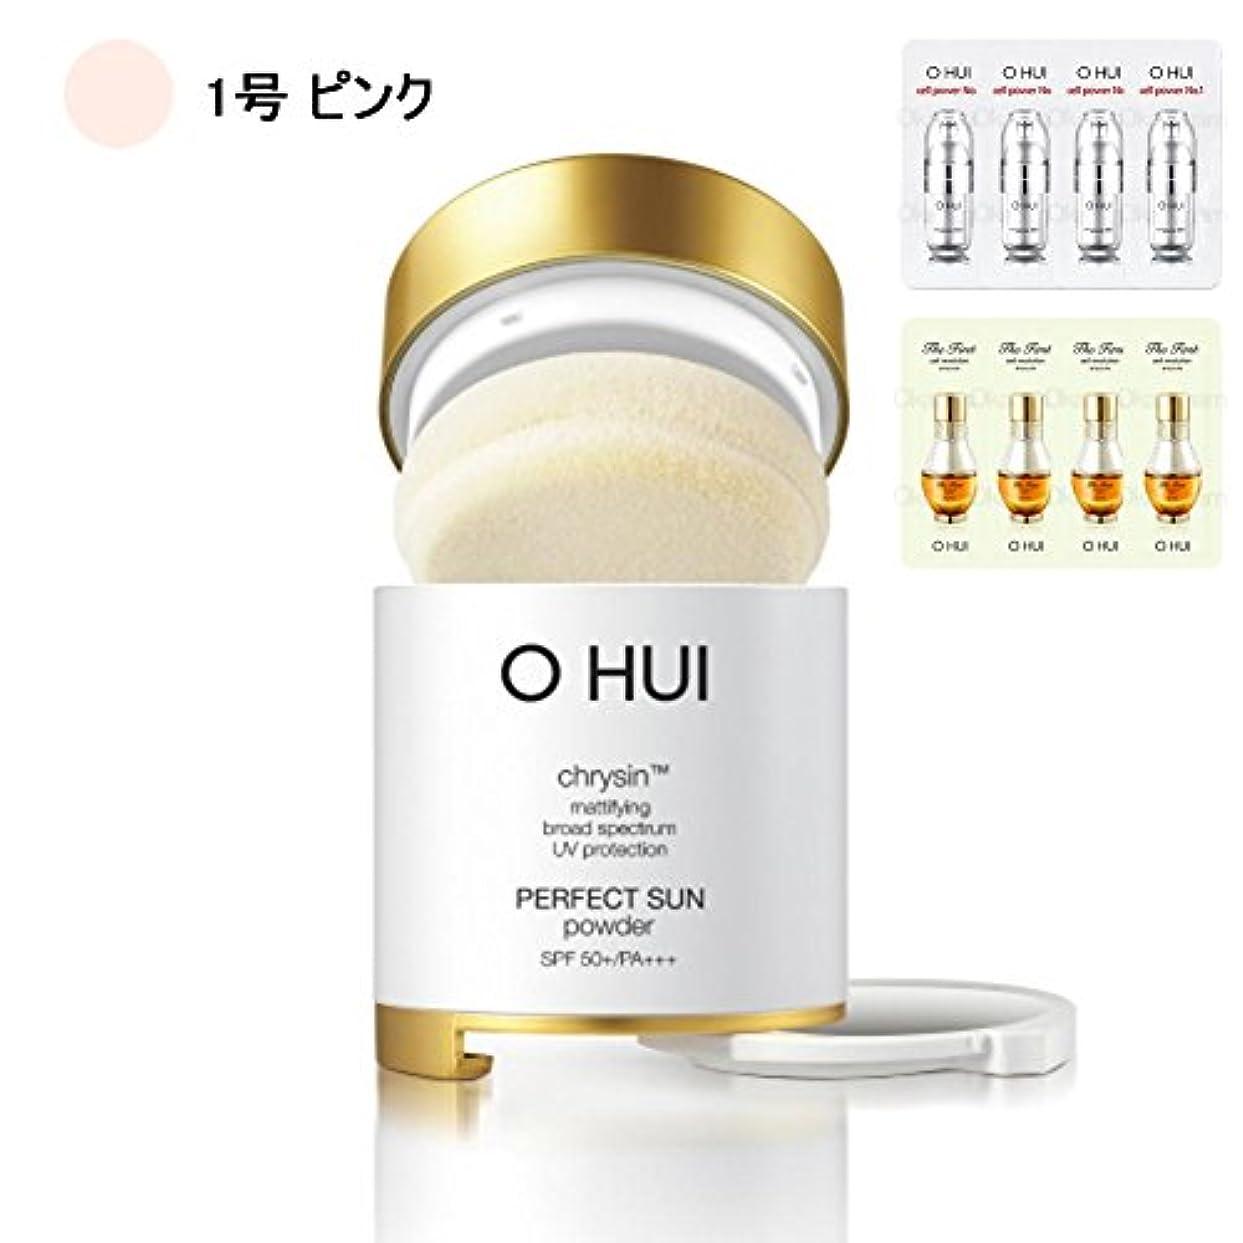 不十分なズームポゴスティックジャンプ[オフィ/O HUI]韓国化粧品 LG生活健康/OHUI OFS06 PERFECT SUN POWDER/オフィ パーフェクトサンパウダー 1号 (SPF50+/PA+++) +[Sample Gift](海外直送品)